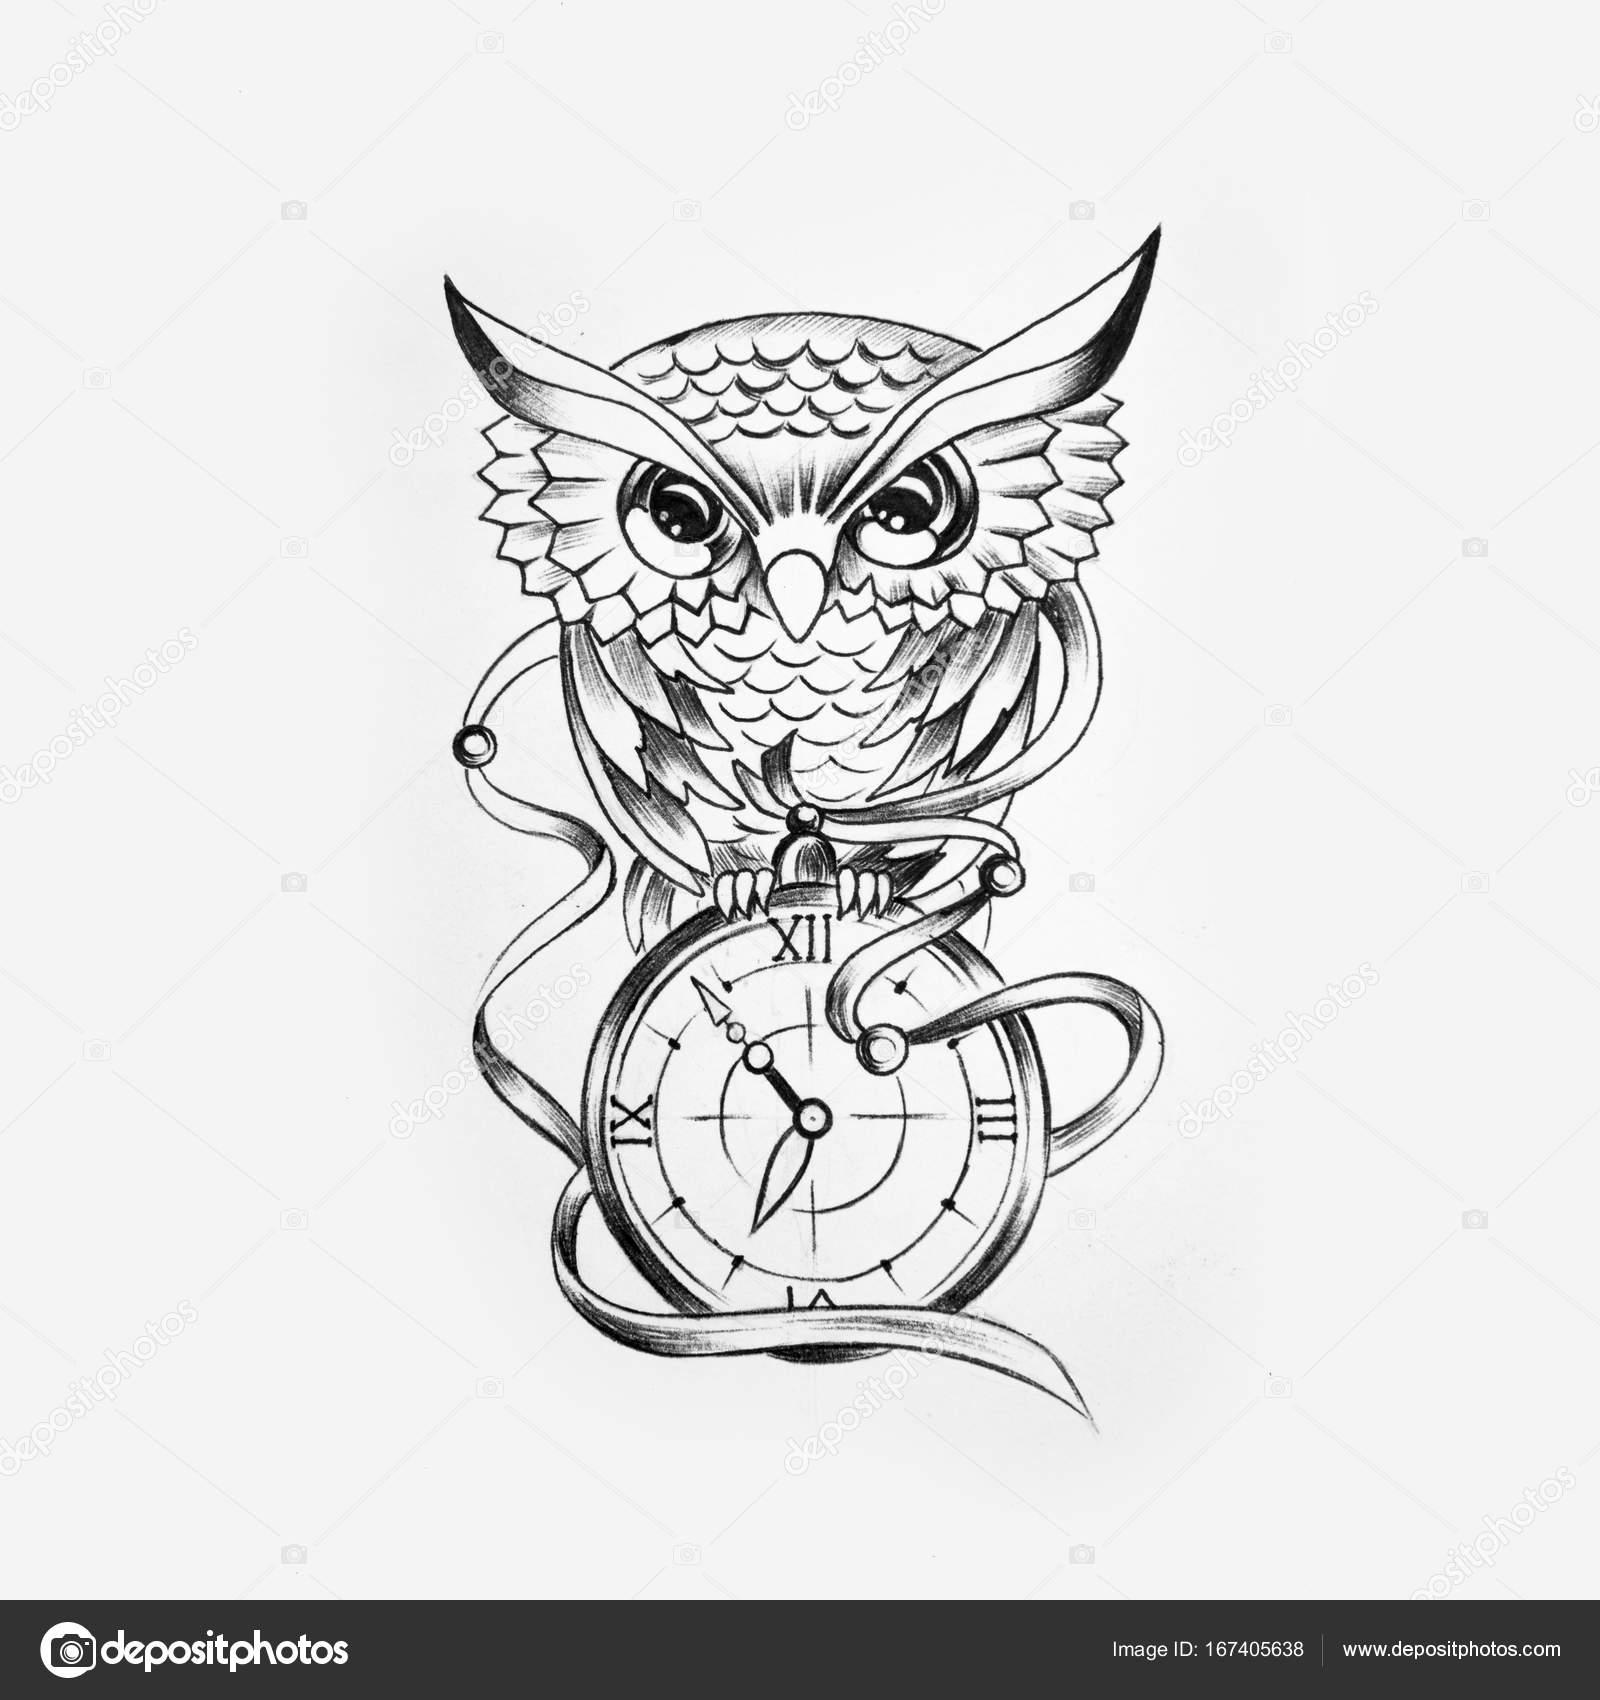 Dibujo de un búho sabio con un reloj en un fondo blanco — Foto de ...